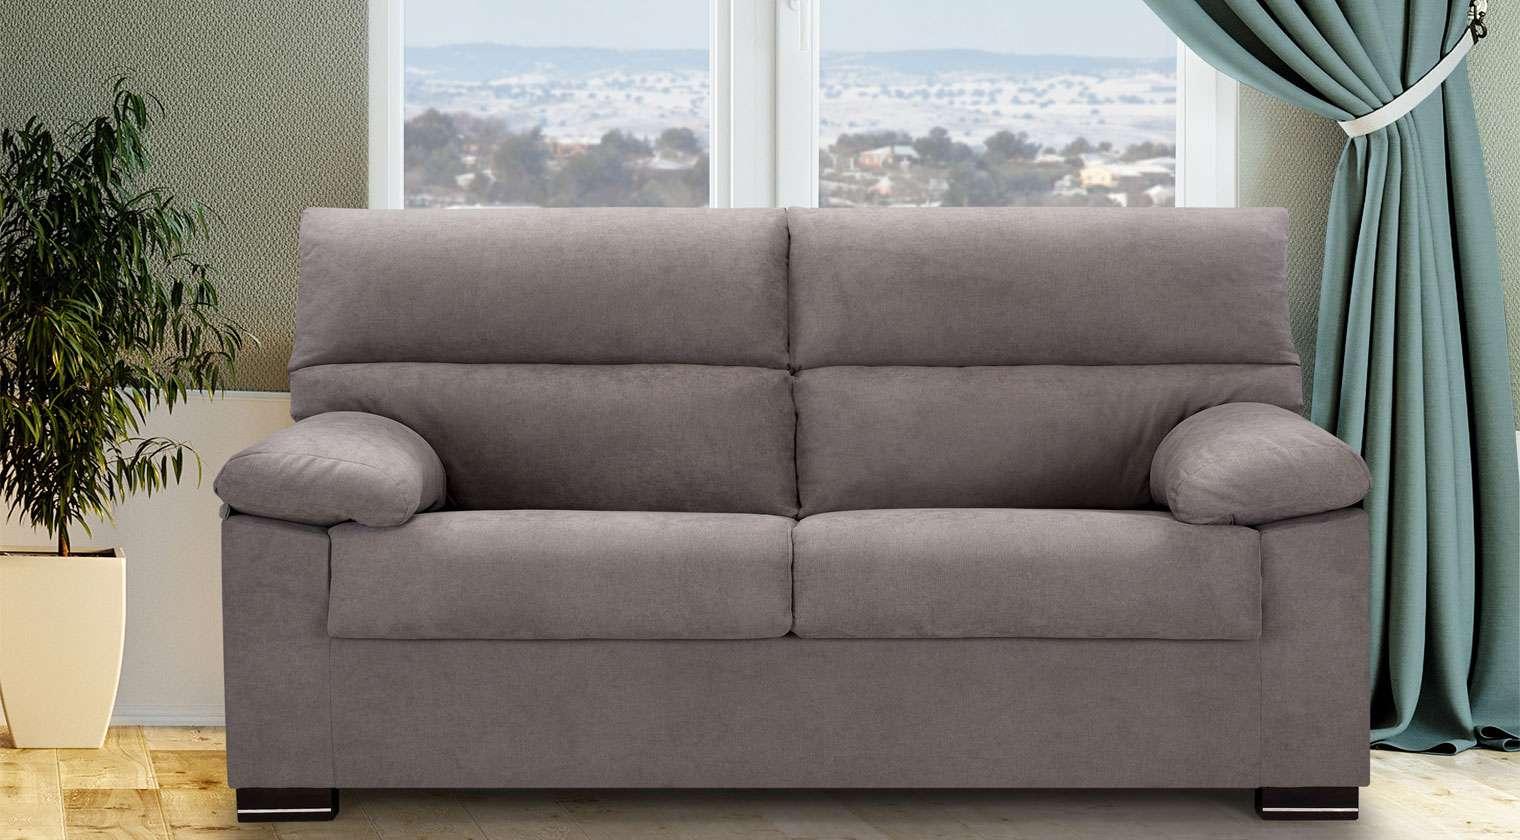 Sof tela herm s sofas de tela for Sofas modulares de tela